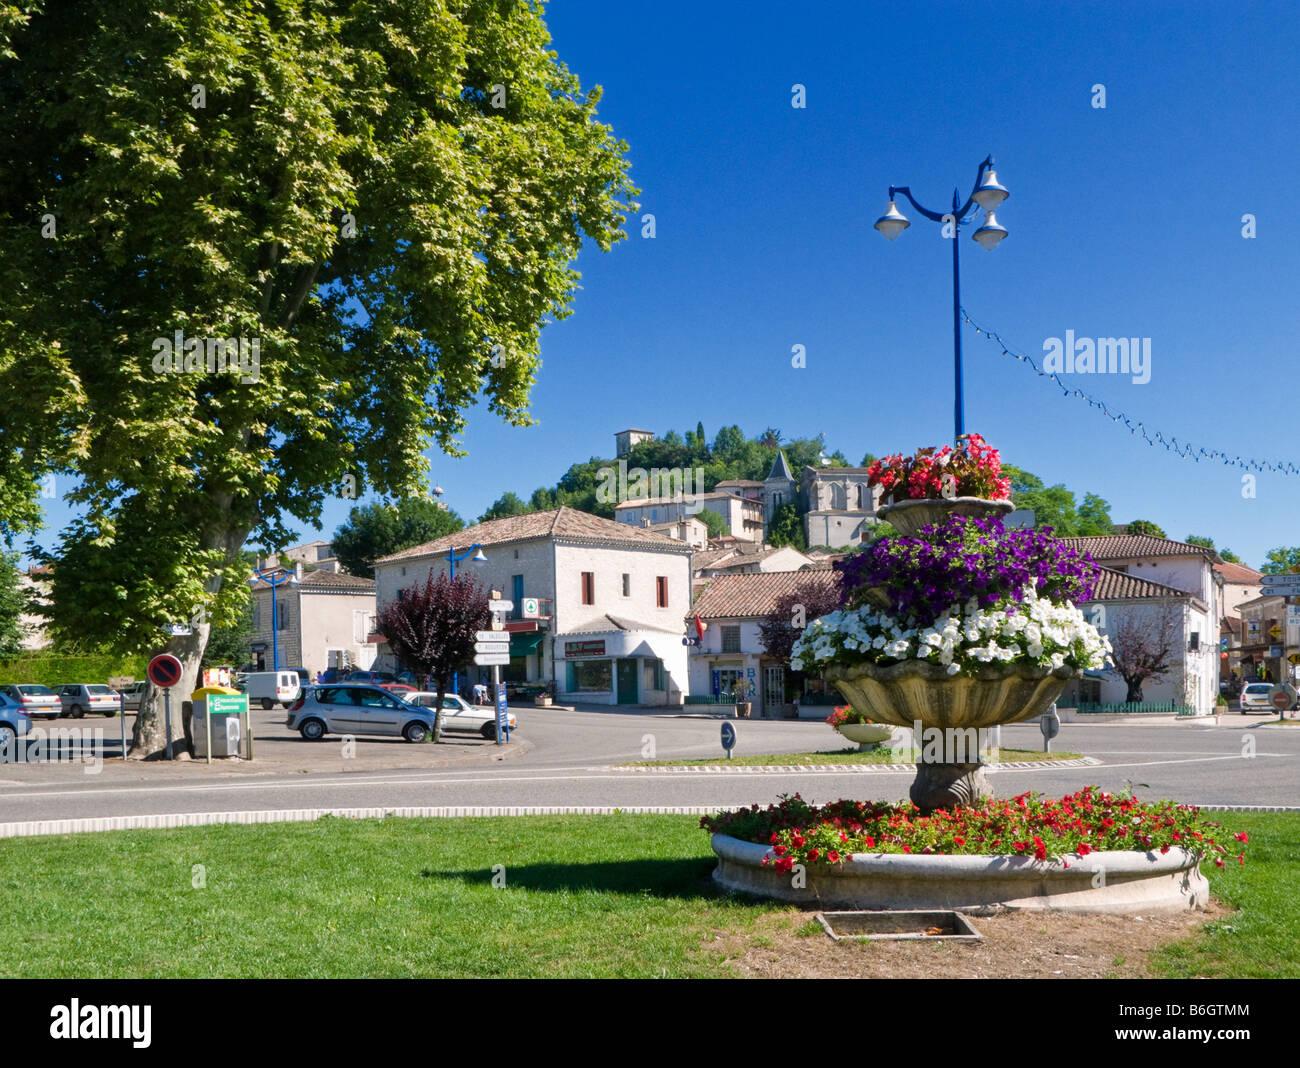 Centro città in Montaigu de Quercy, Tarn et Garonne, sud-ovest della Francia, Europa Immagini Stock